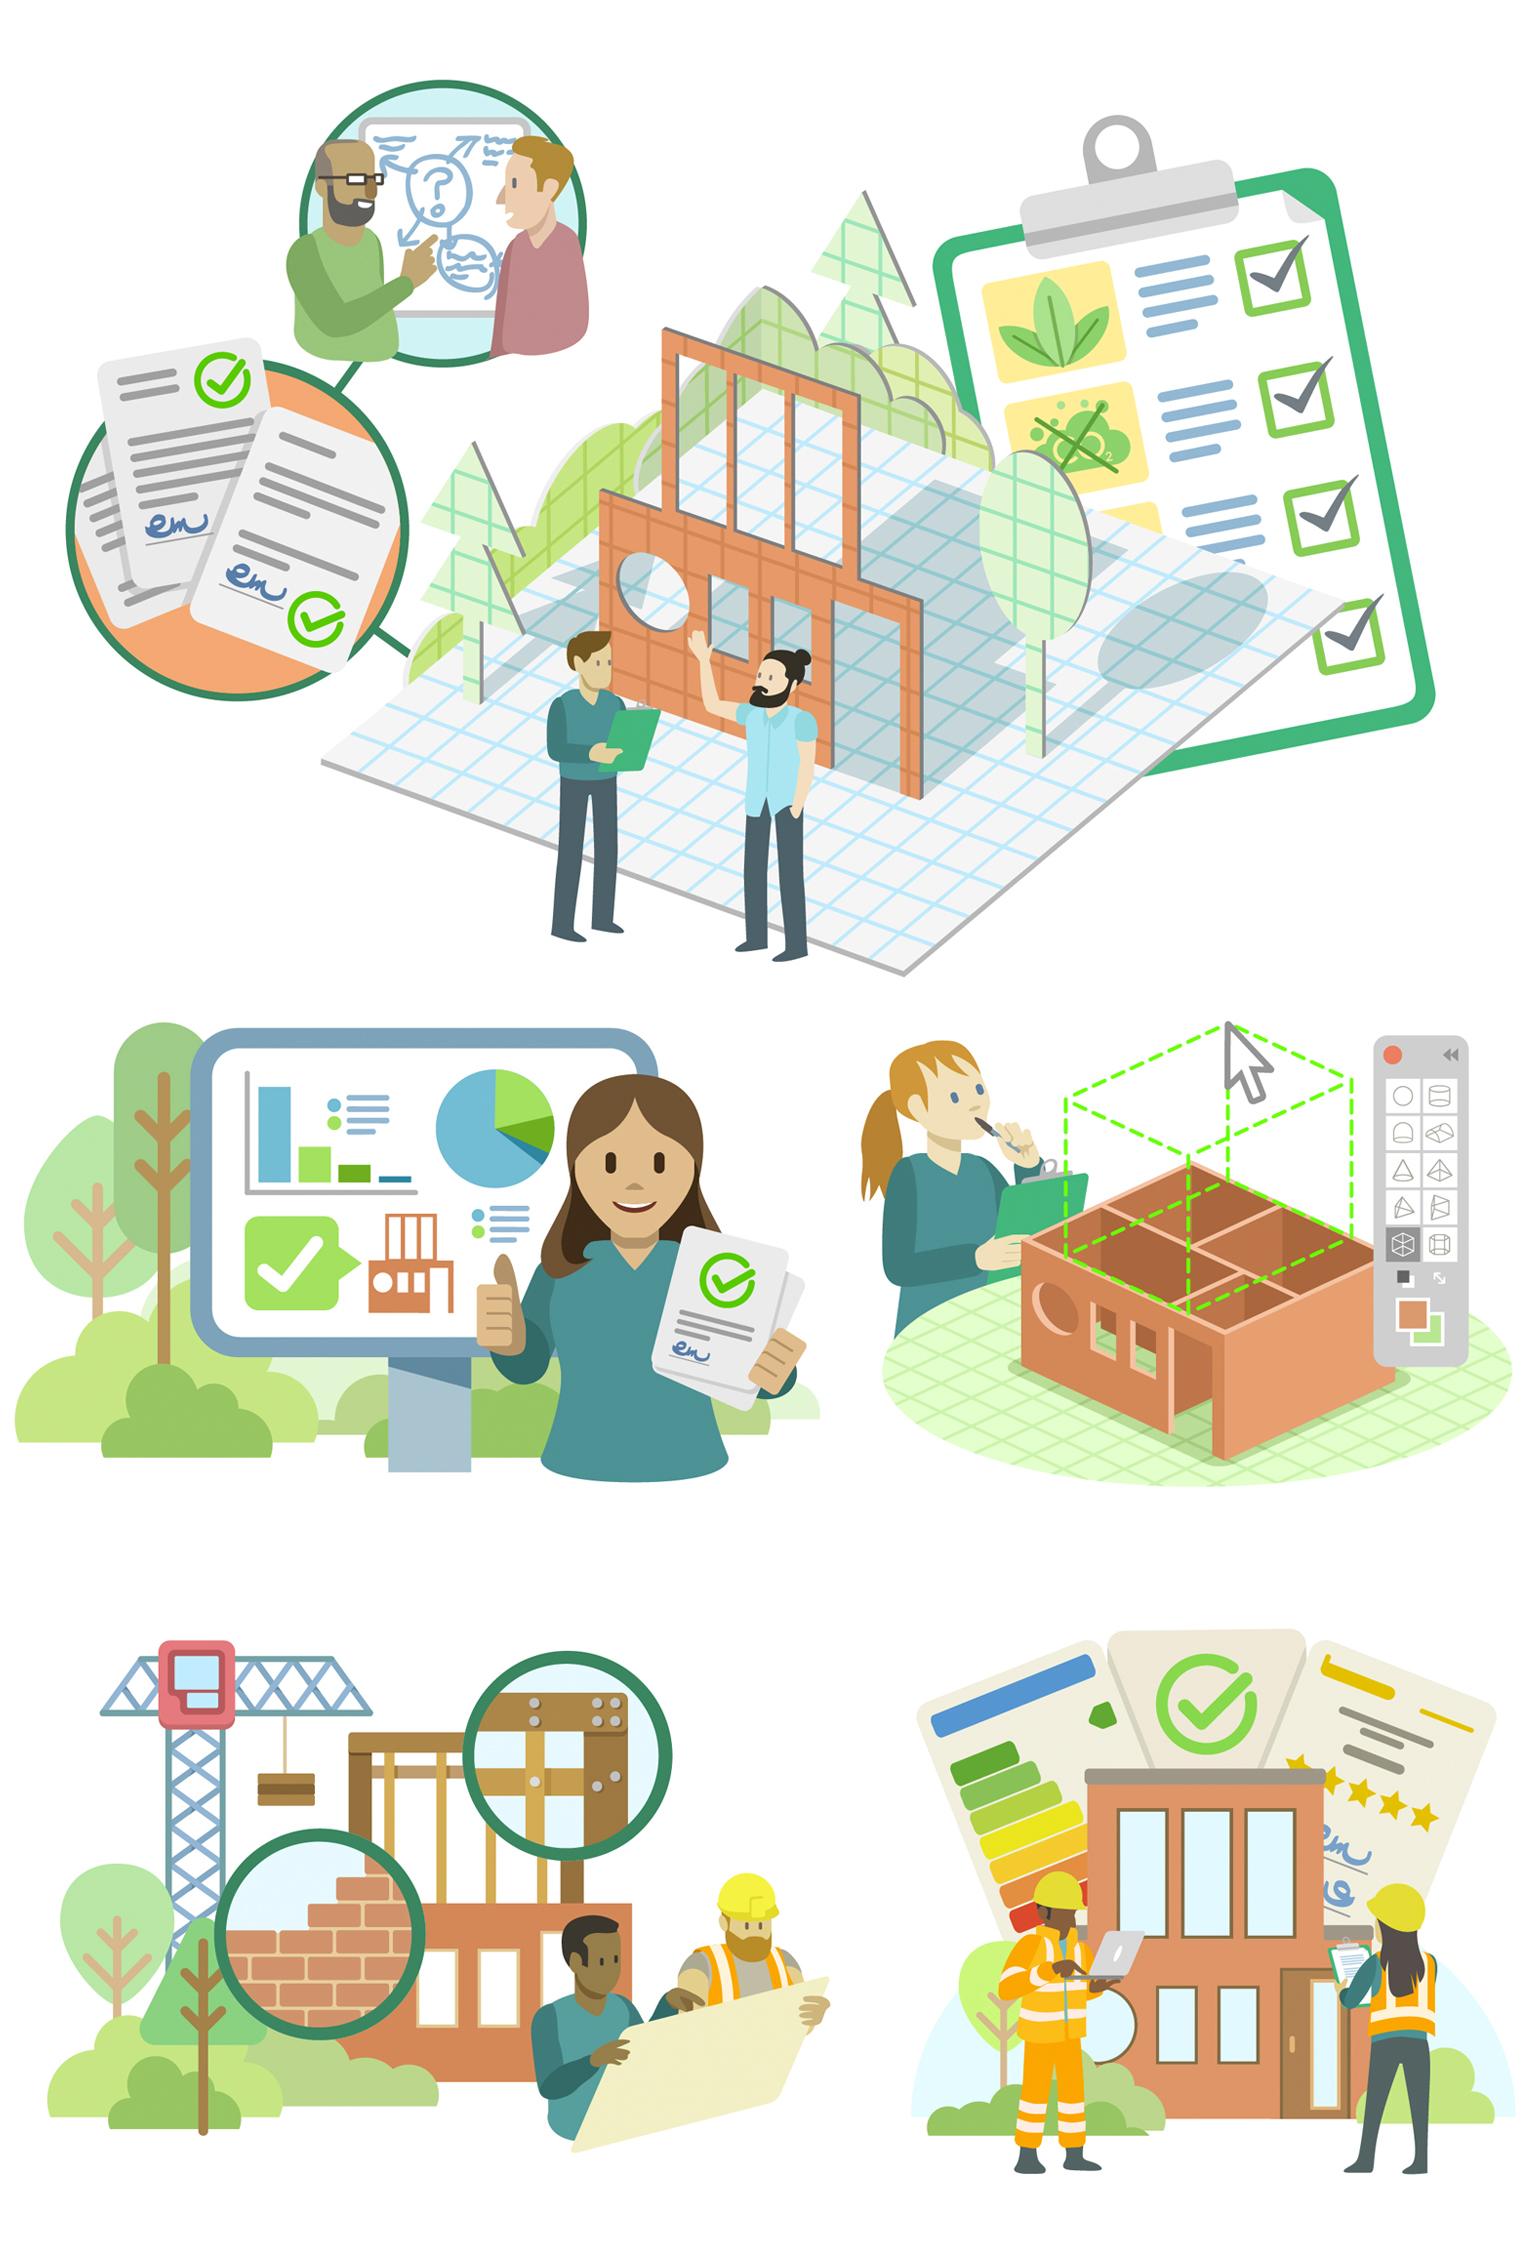 Client: Build Energy